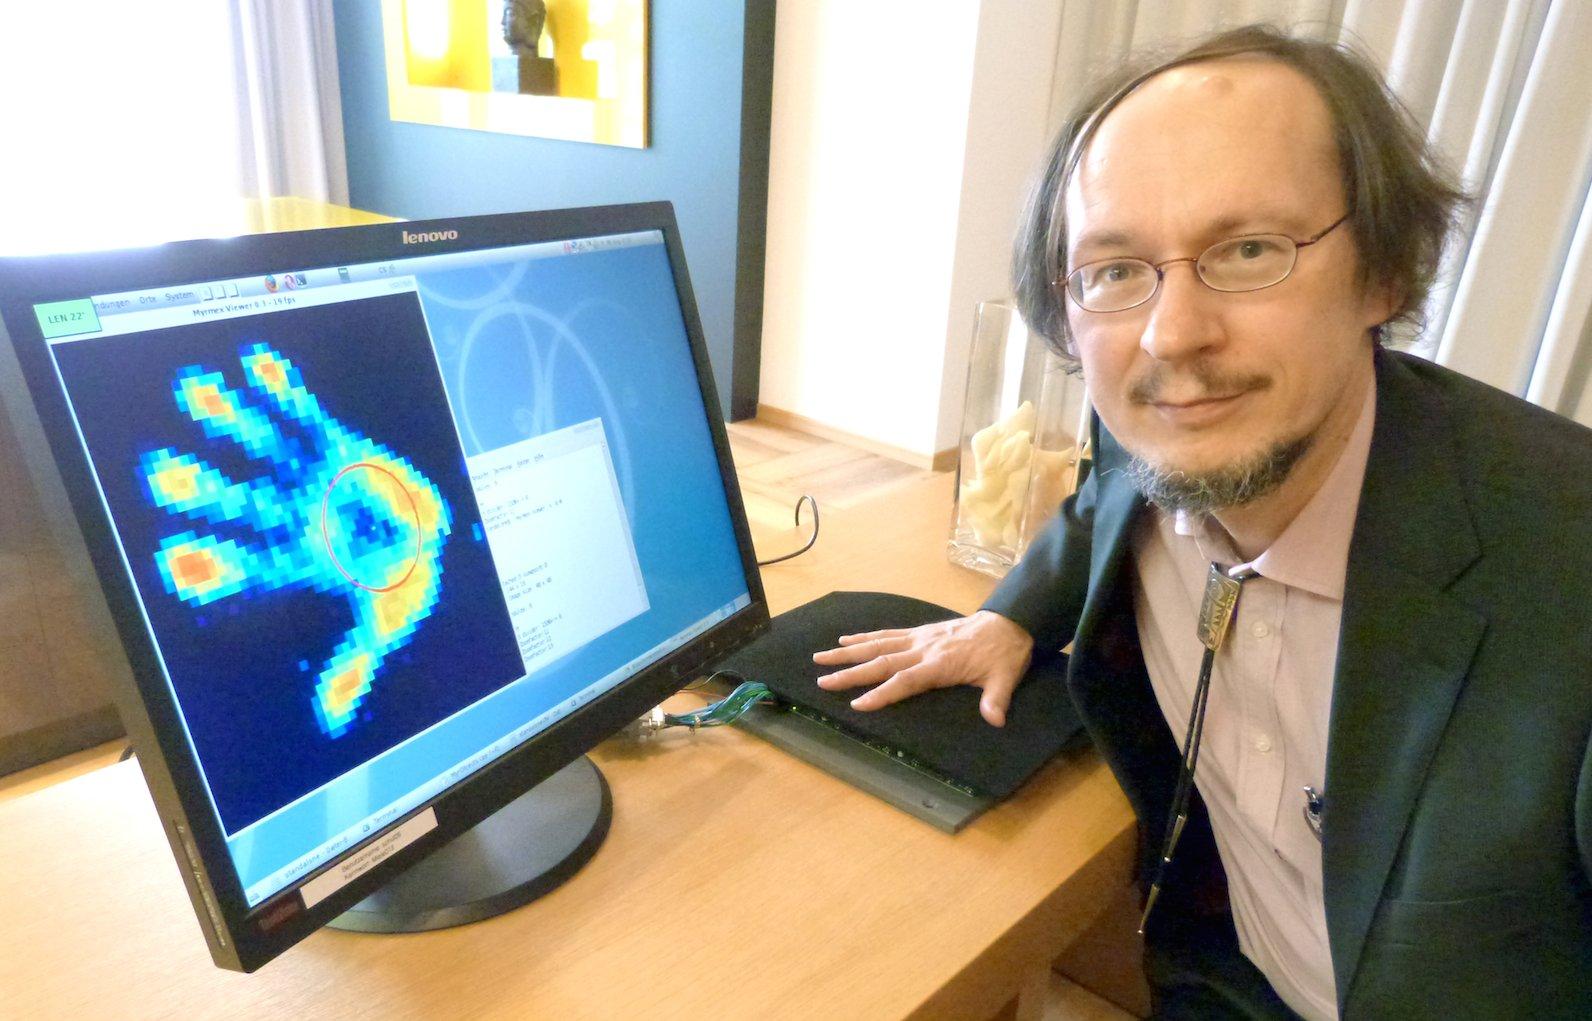 """Forscherinnen und Forscher befassen sich in dem Projekt auch mit Sensortechnik. Prof. Dr. Helge Ritter demonstriert """"Myrmex"""". Der Forschungsprototyp erkennt den unterschiedlichen Druck, den Objekte ausüben, die darauf platziert werden."""